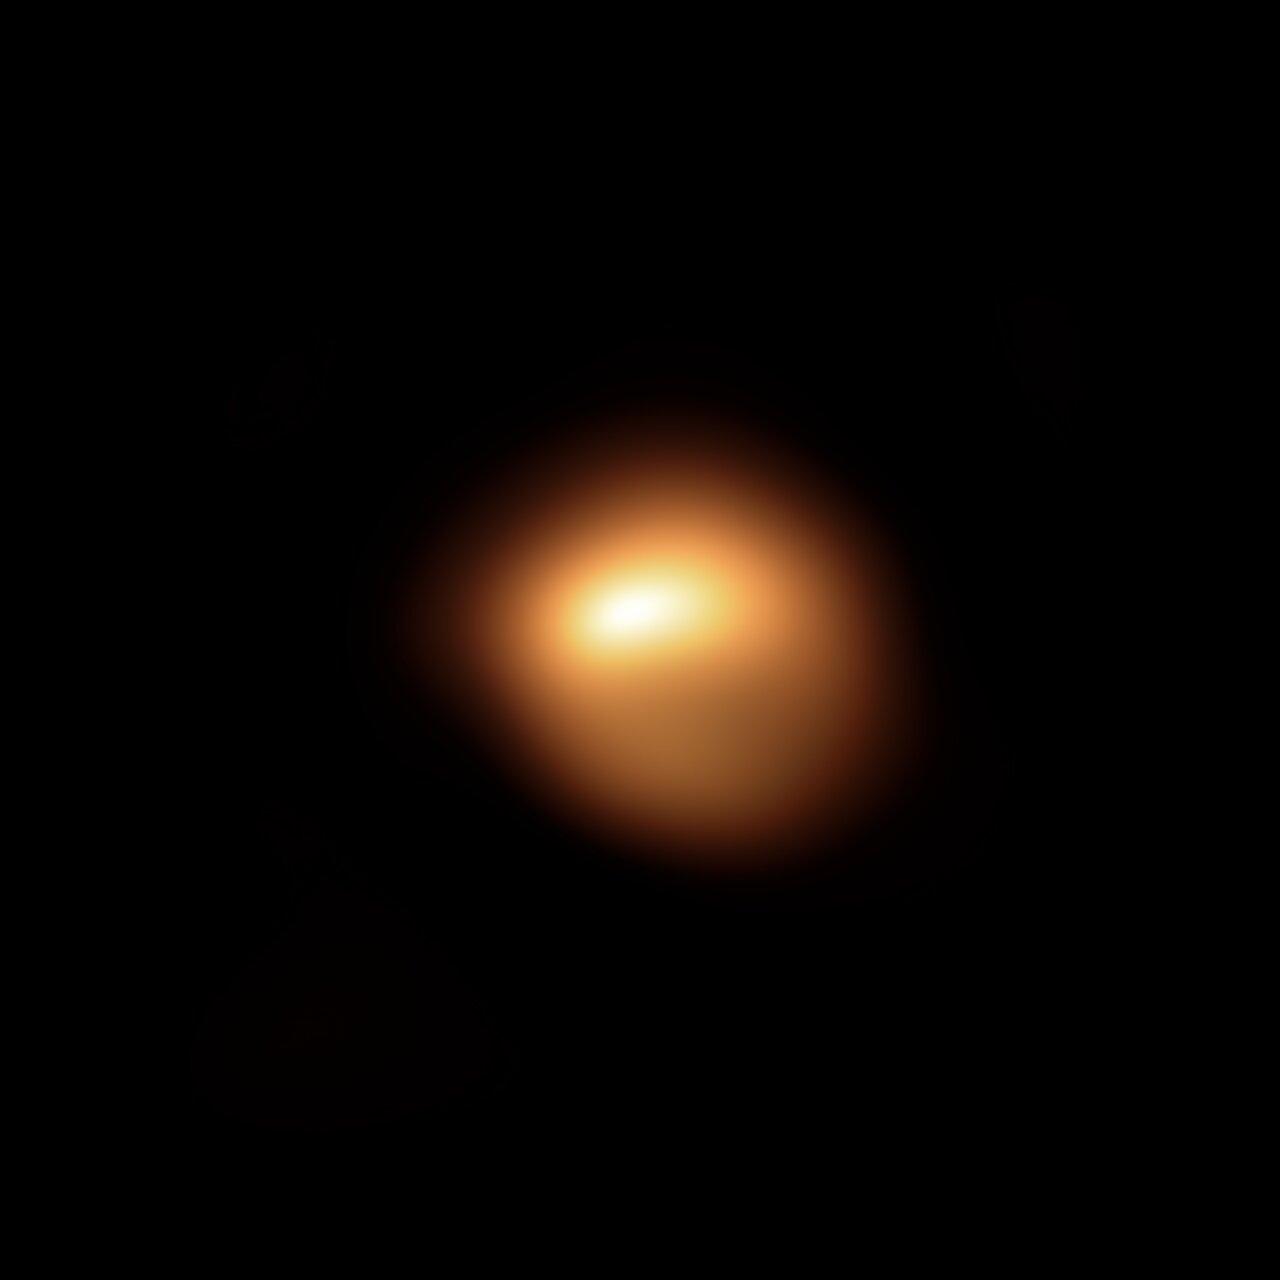 Betelgeuse iluntzeko argazki ikusgarria.  Astronomoek berarekin zer gertatzen ari den egiaztatzen dute